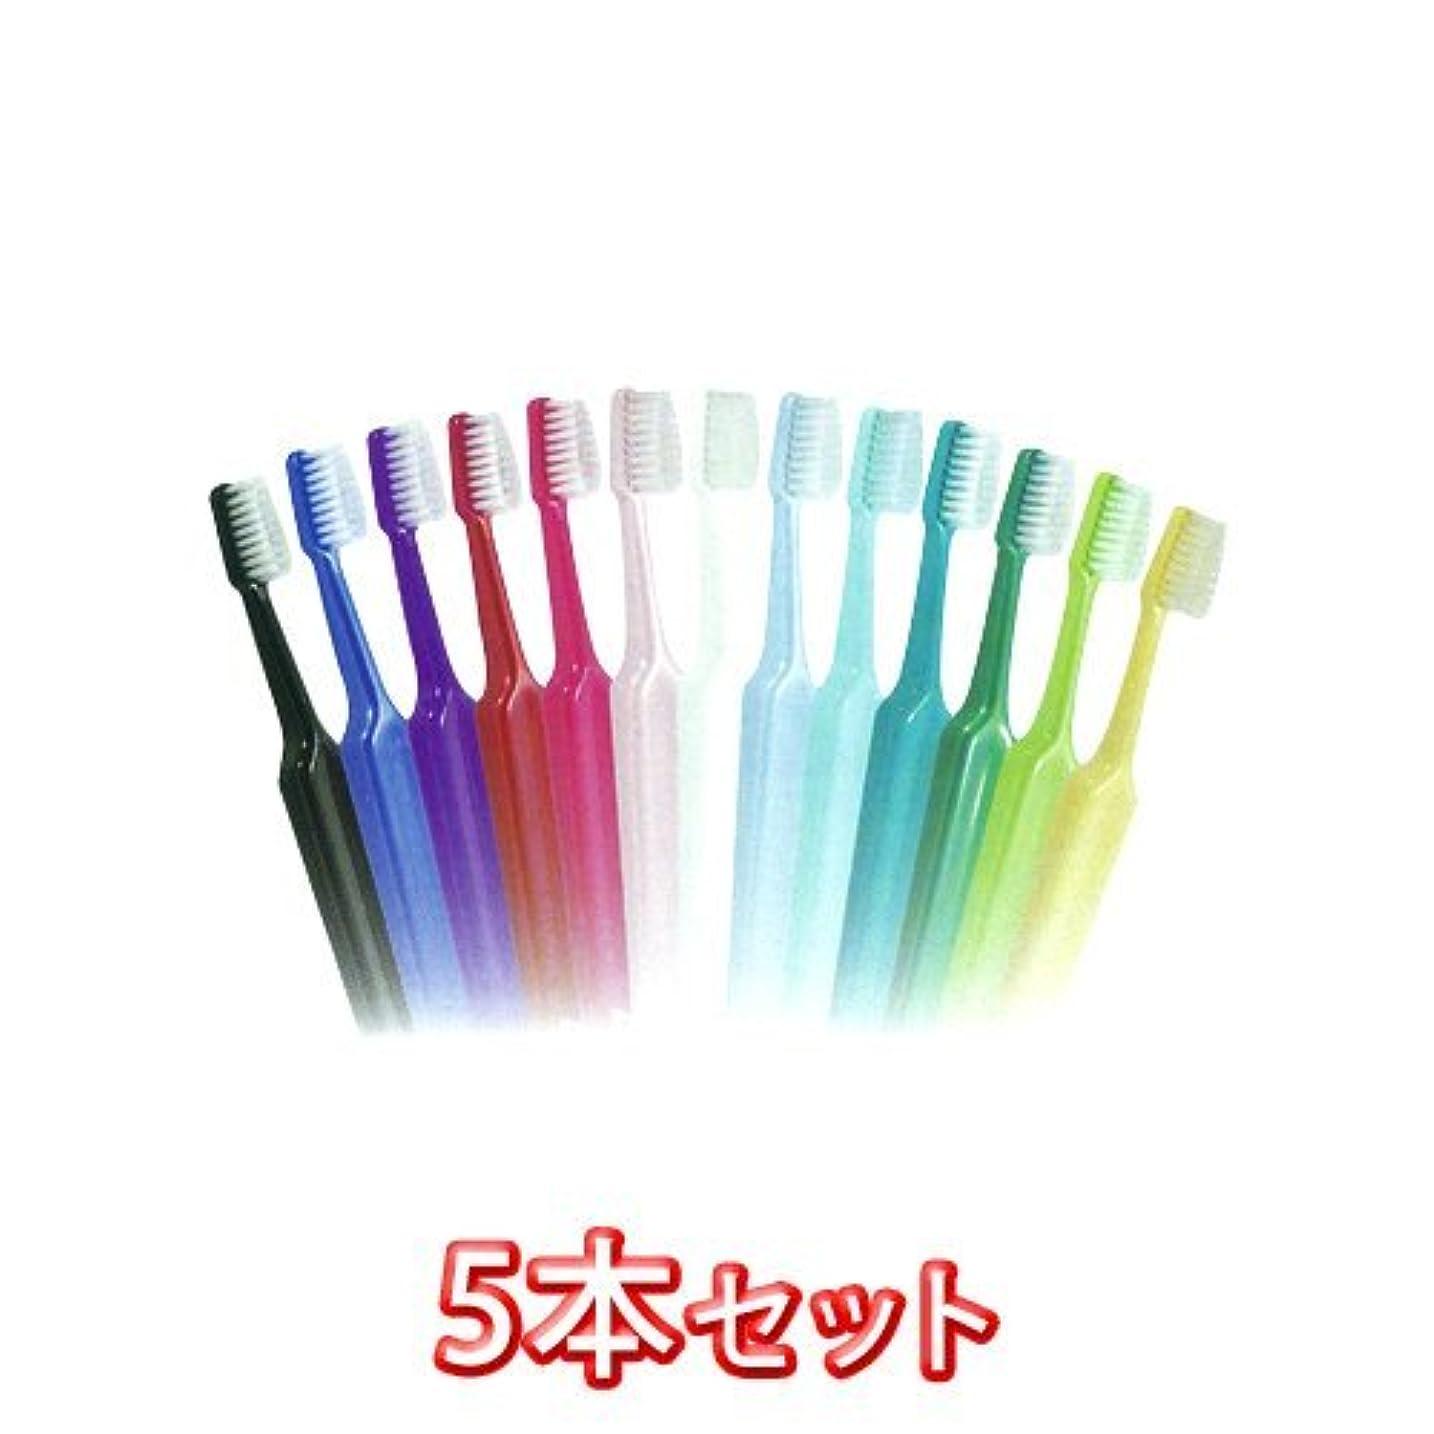 オーチャード破壊的な電子レンジクロスフィールド TePe テペ セレクト 歯ブラシ 5本 (ソフト)